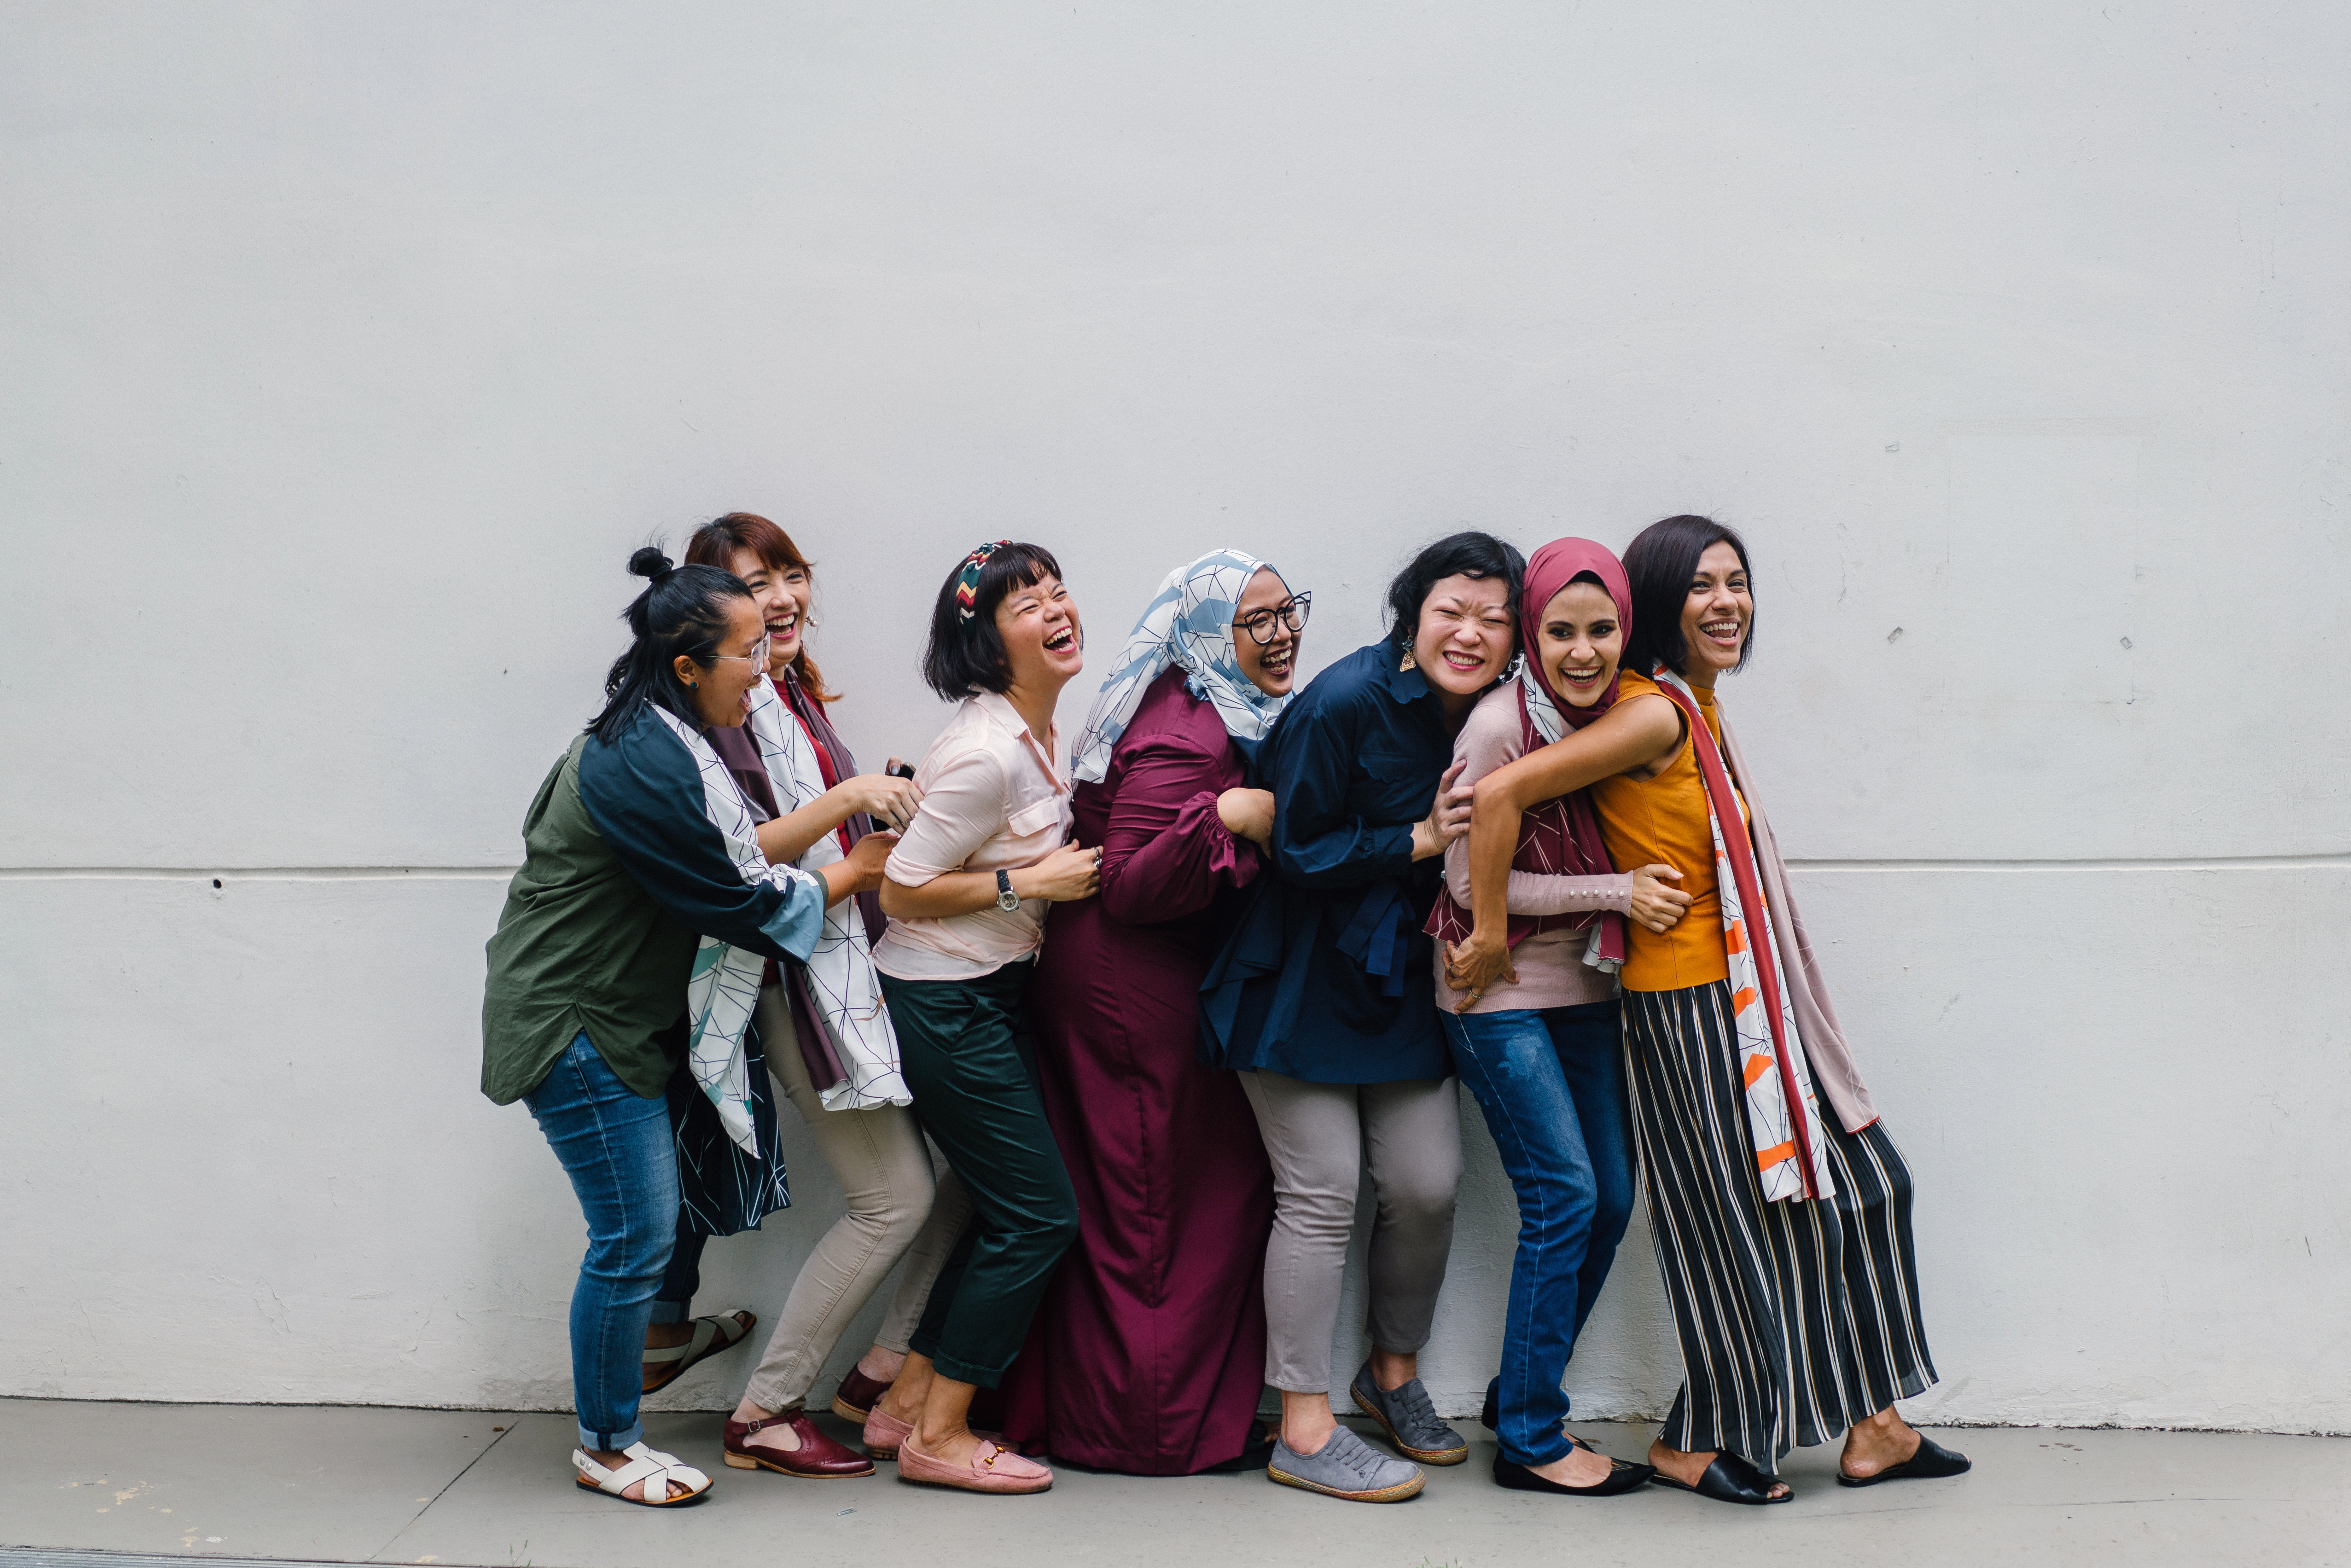 Gruppe von Frauen aus verschiedenen Ländern